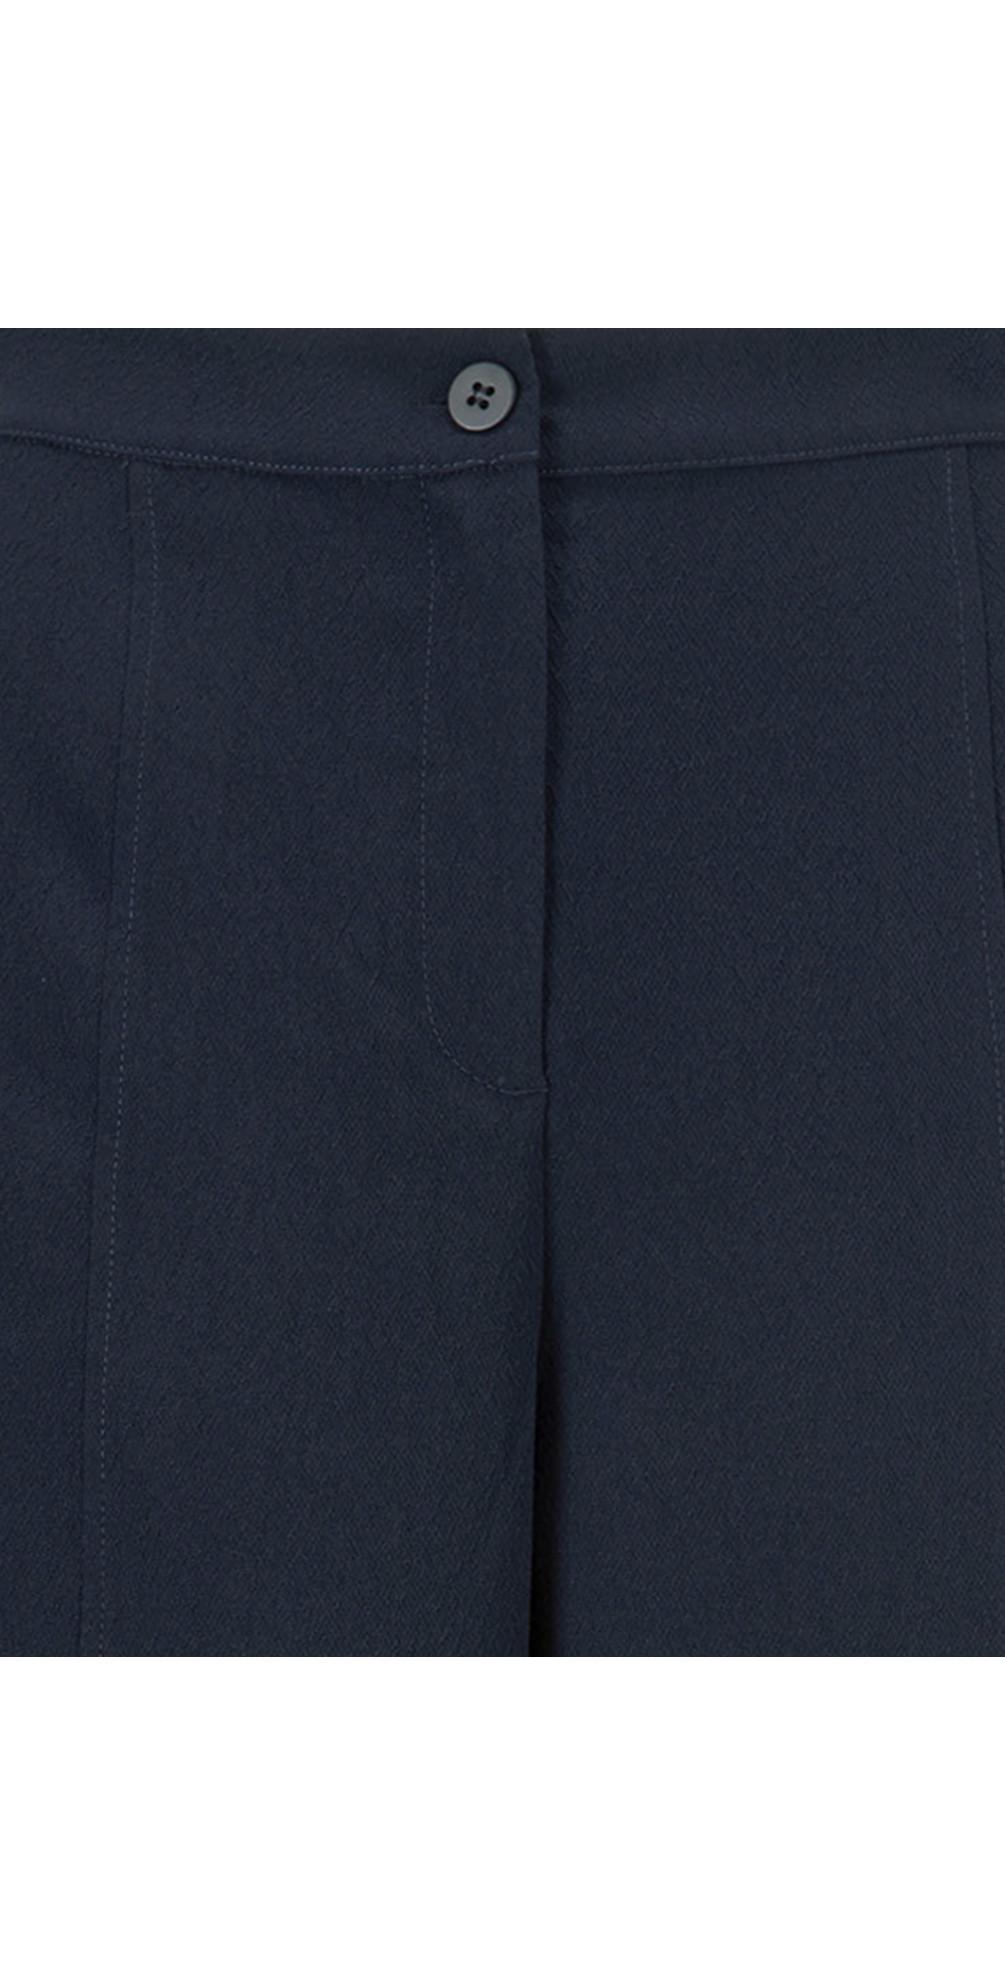 Peras Trouser main image